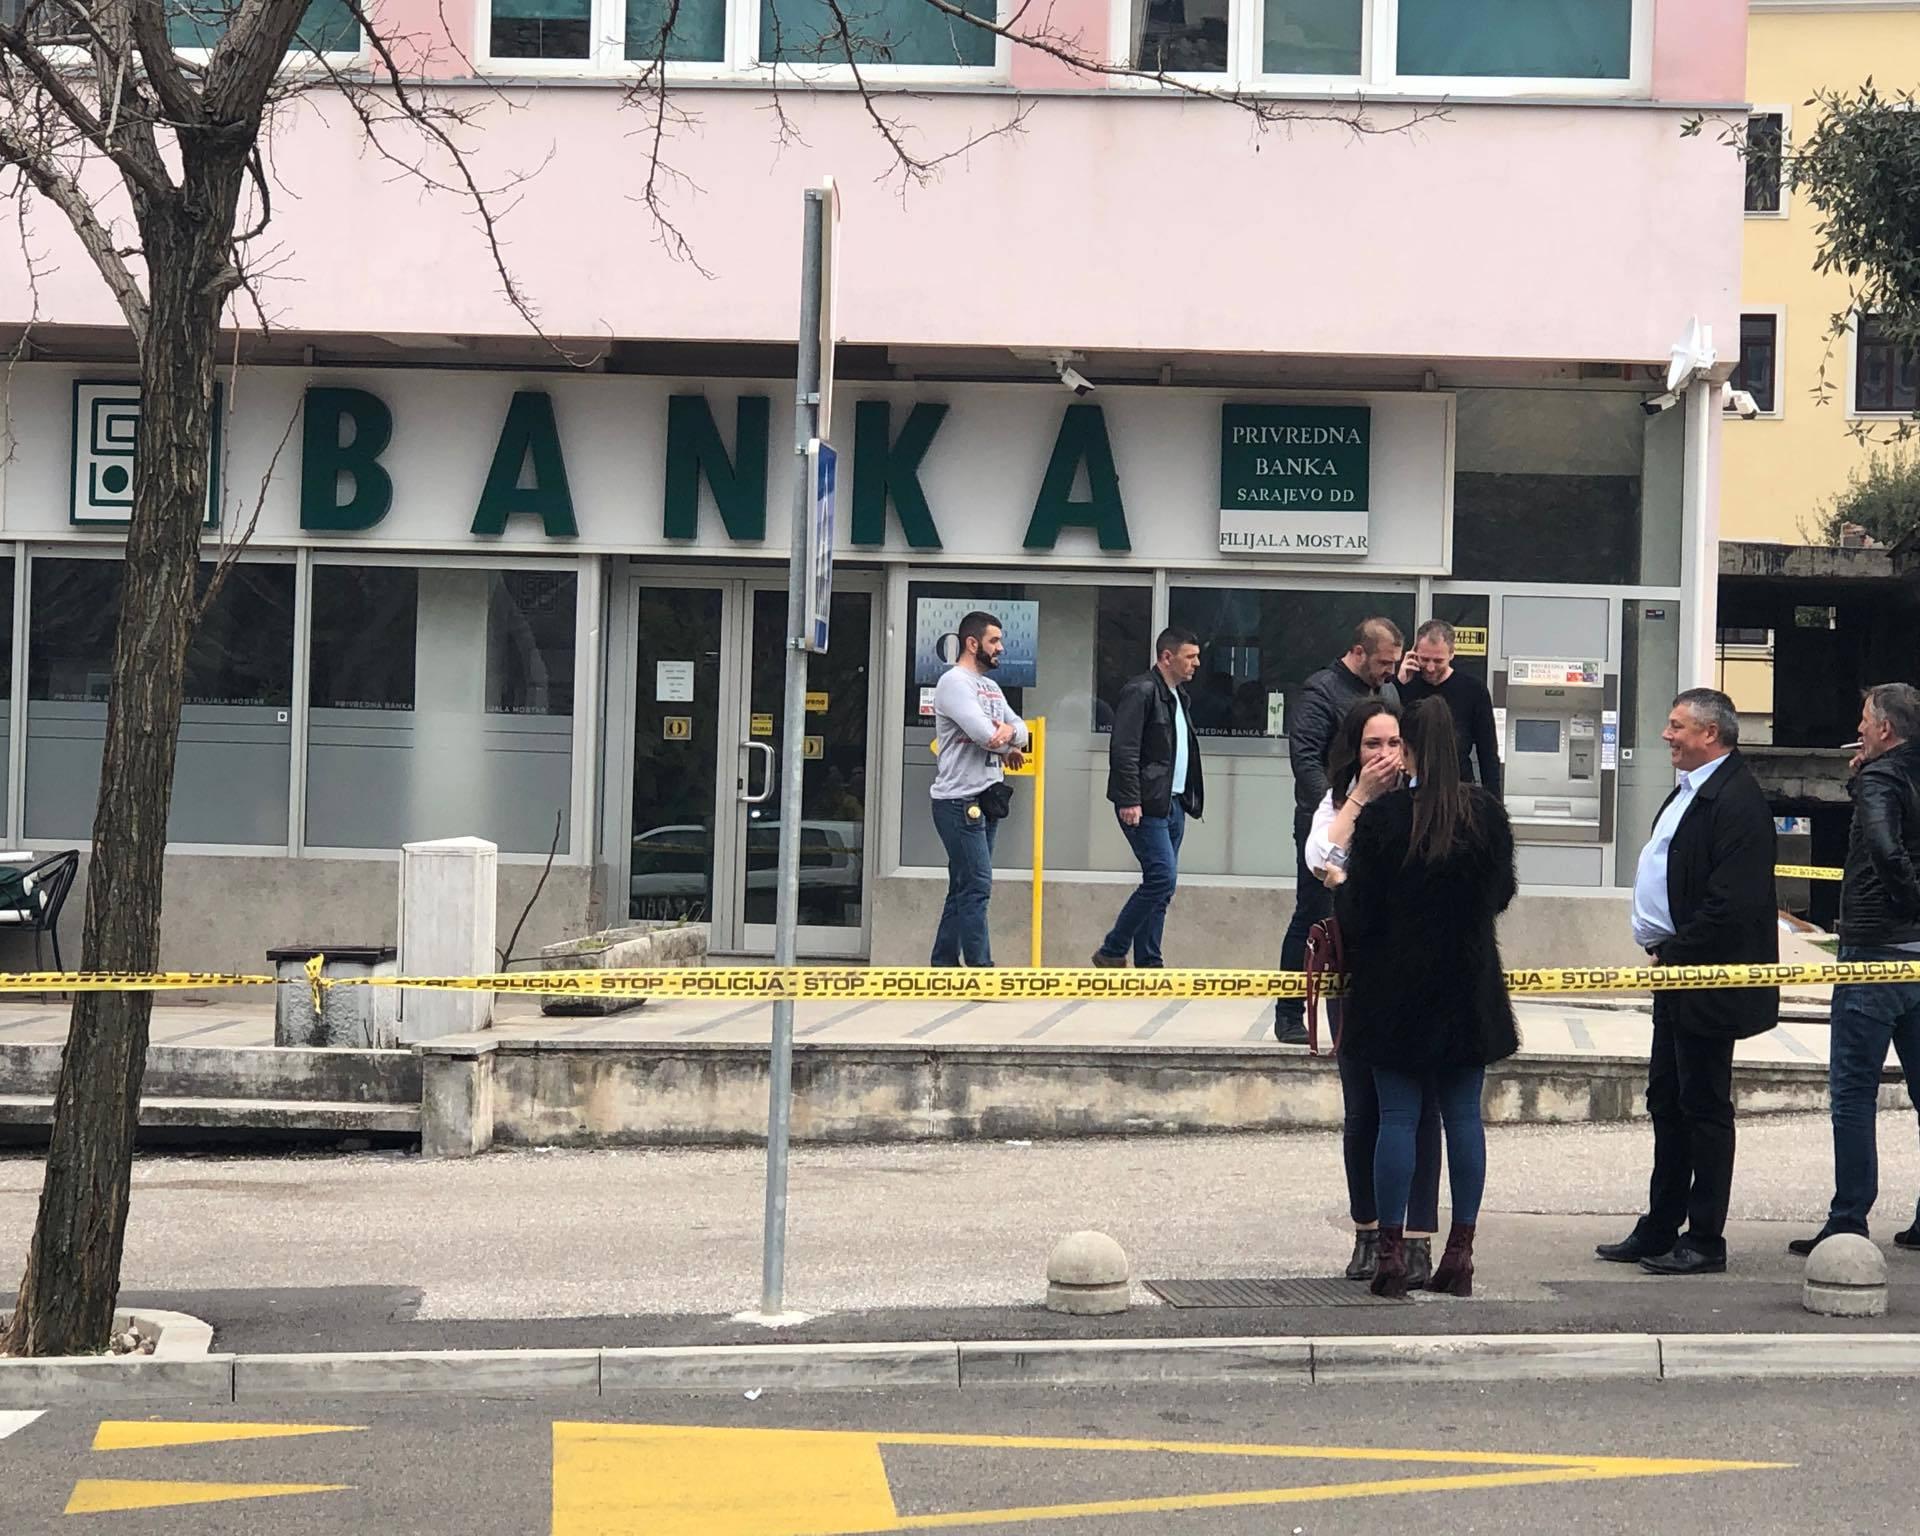 Pljačkaši upali u banku i uzeli taoce: Policija uhitila troje ljudi